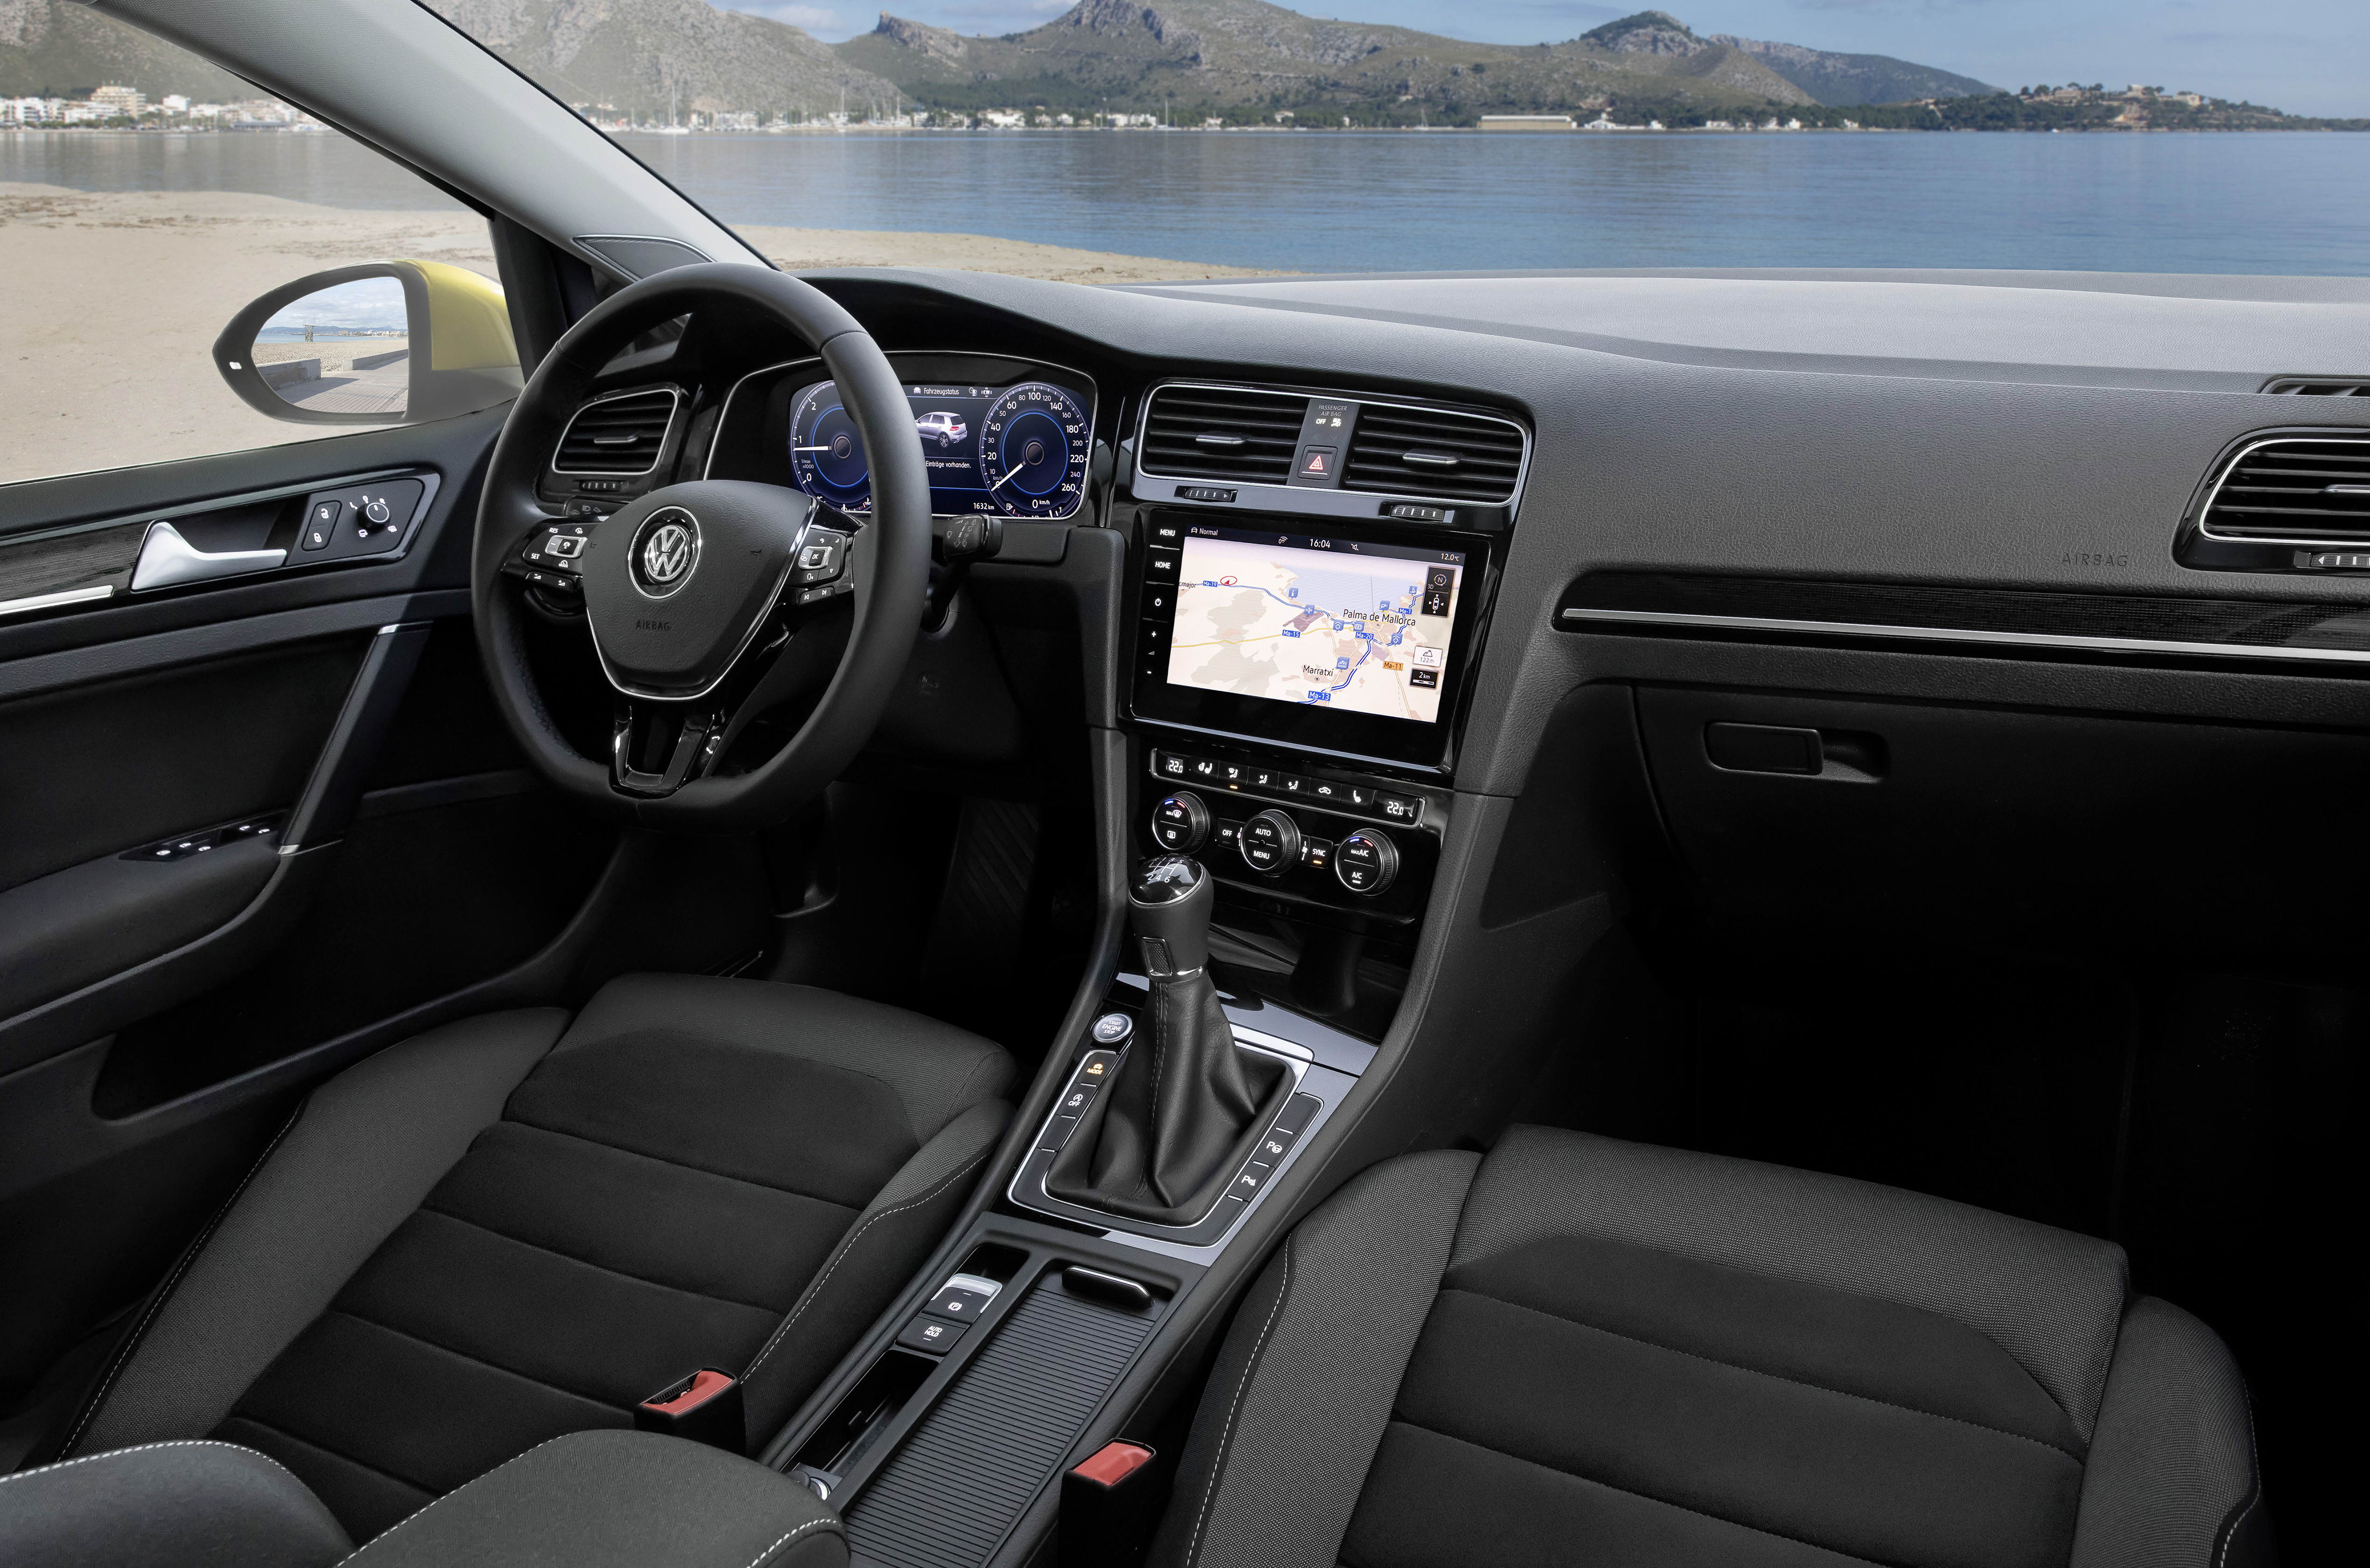 Genewa 2017 Odmłodzony Volkswagen Golf Menadżer Floty